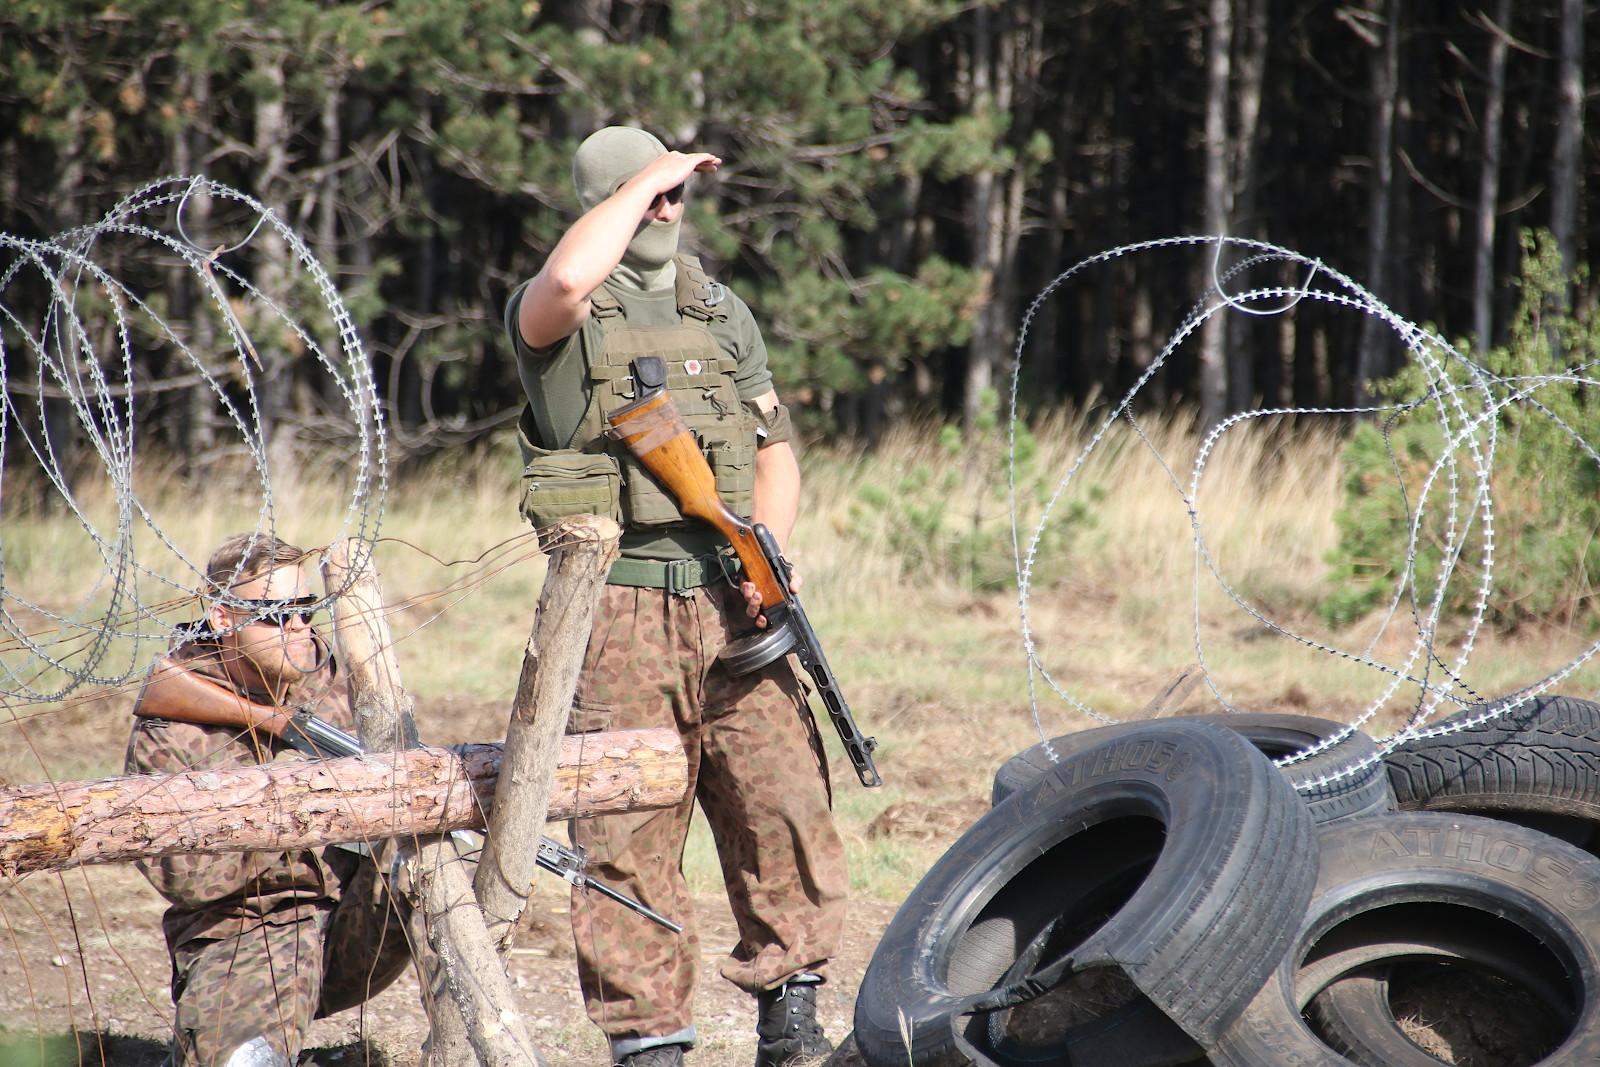 Rebellen haben eine Straßensperre errichtet. Nach erfolglosen Verhandlungen muss sie nun gewaltsam durchbrochen werden © Doppeladler.com